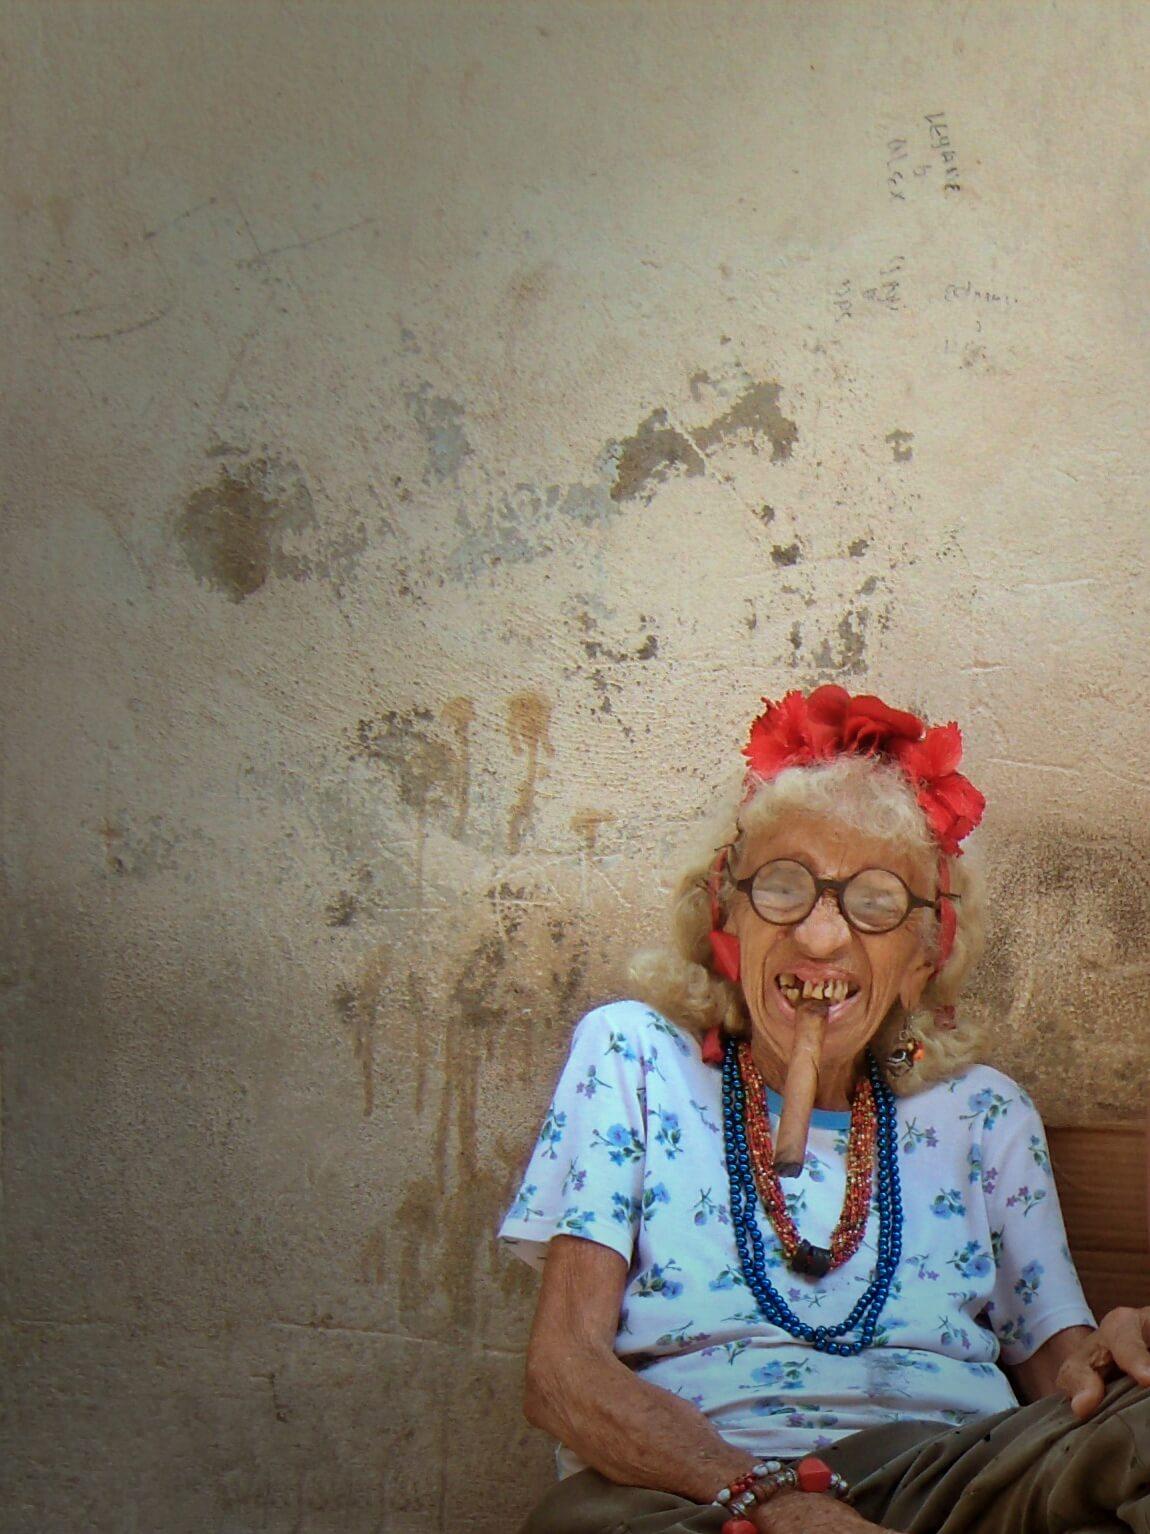 Stara Kubanka w okularach paląca cygaro.